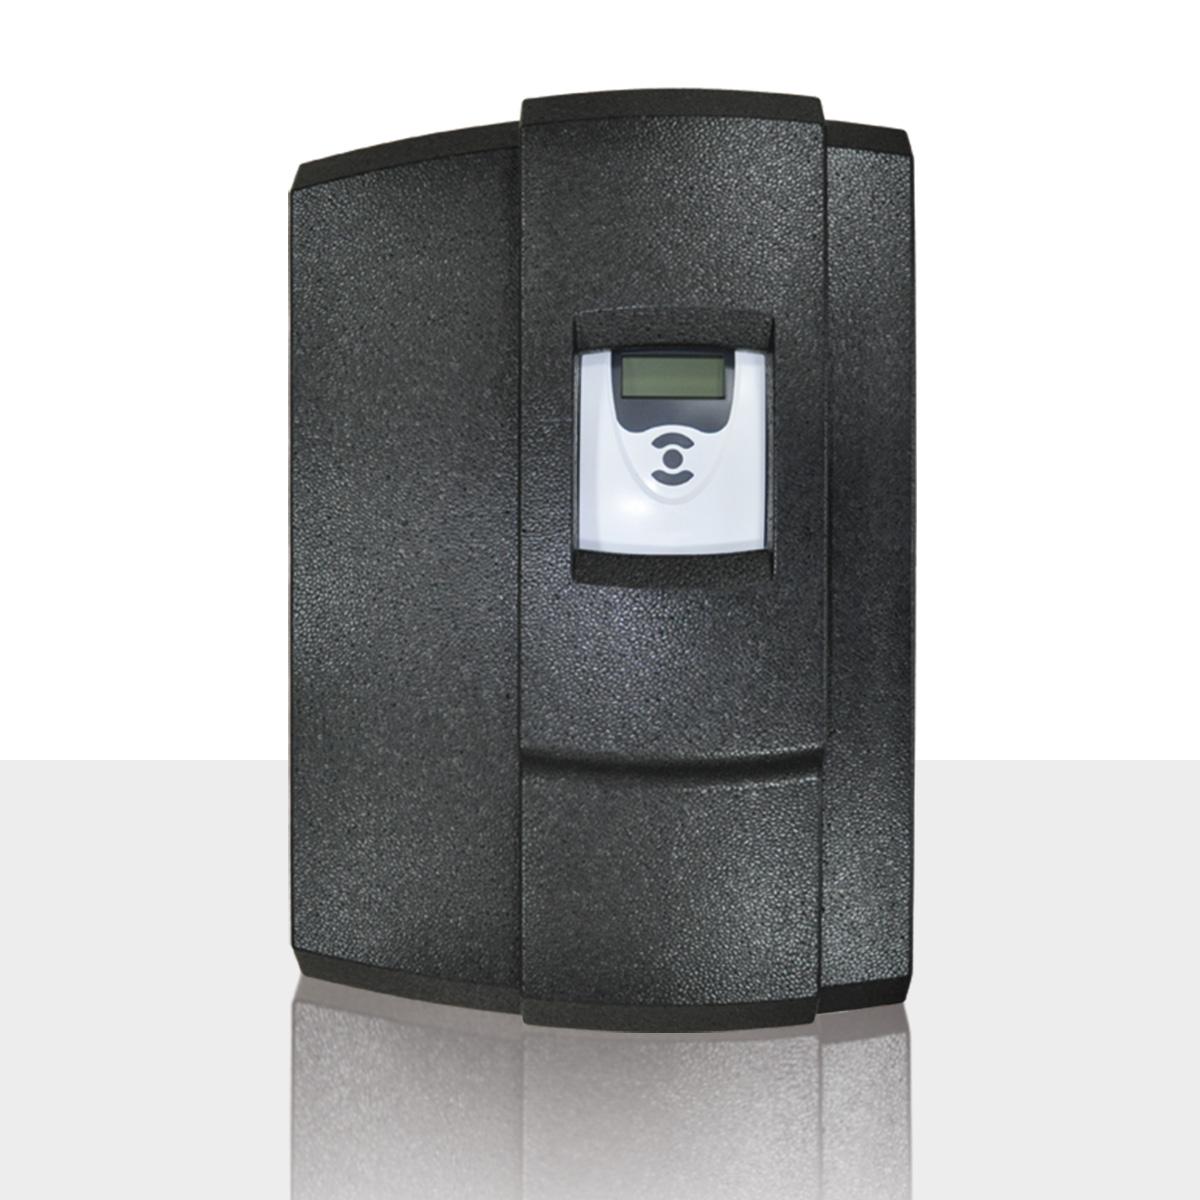 frischwasserstation friwa 30 he. Black Bedroom Furniture Sets. Home Design Ideas